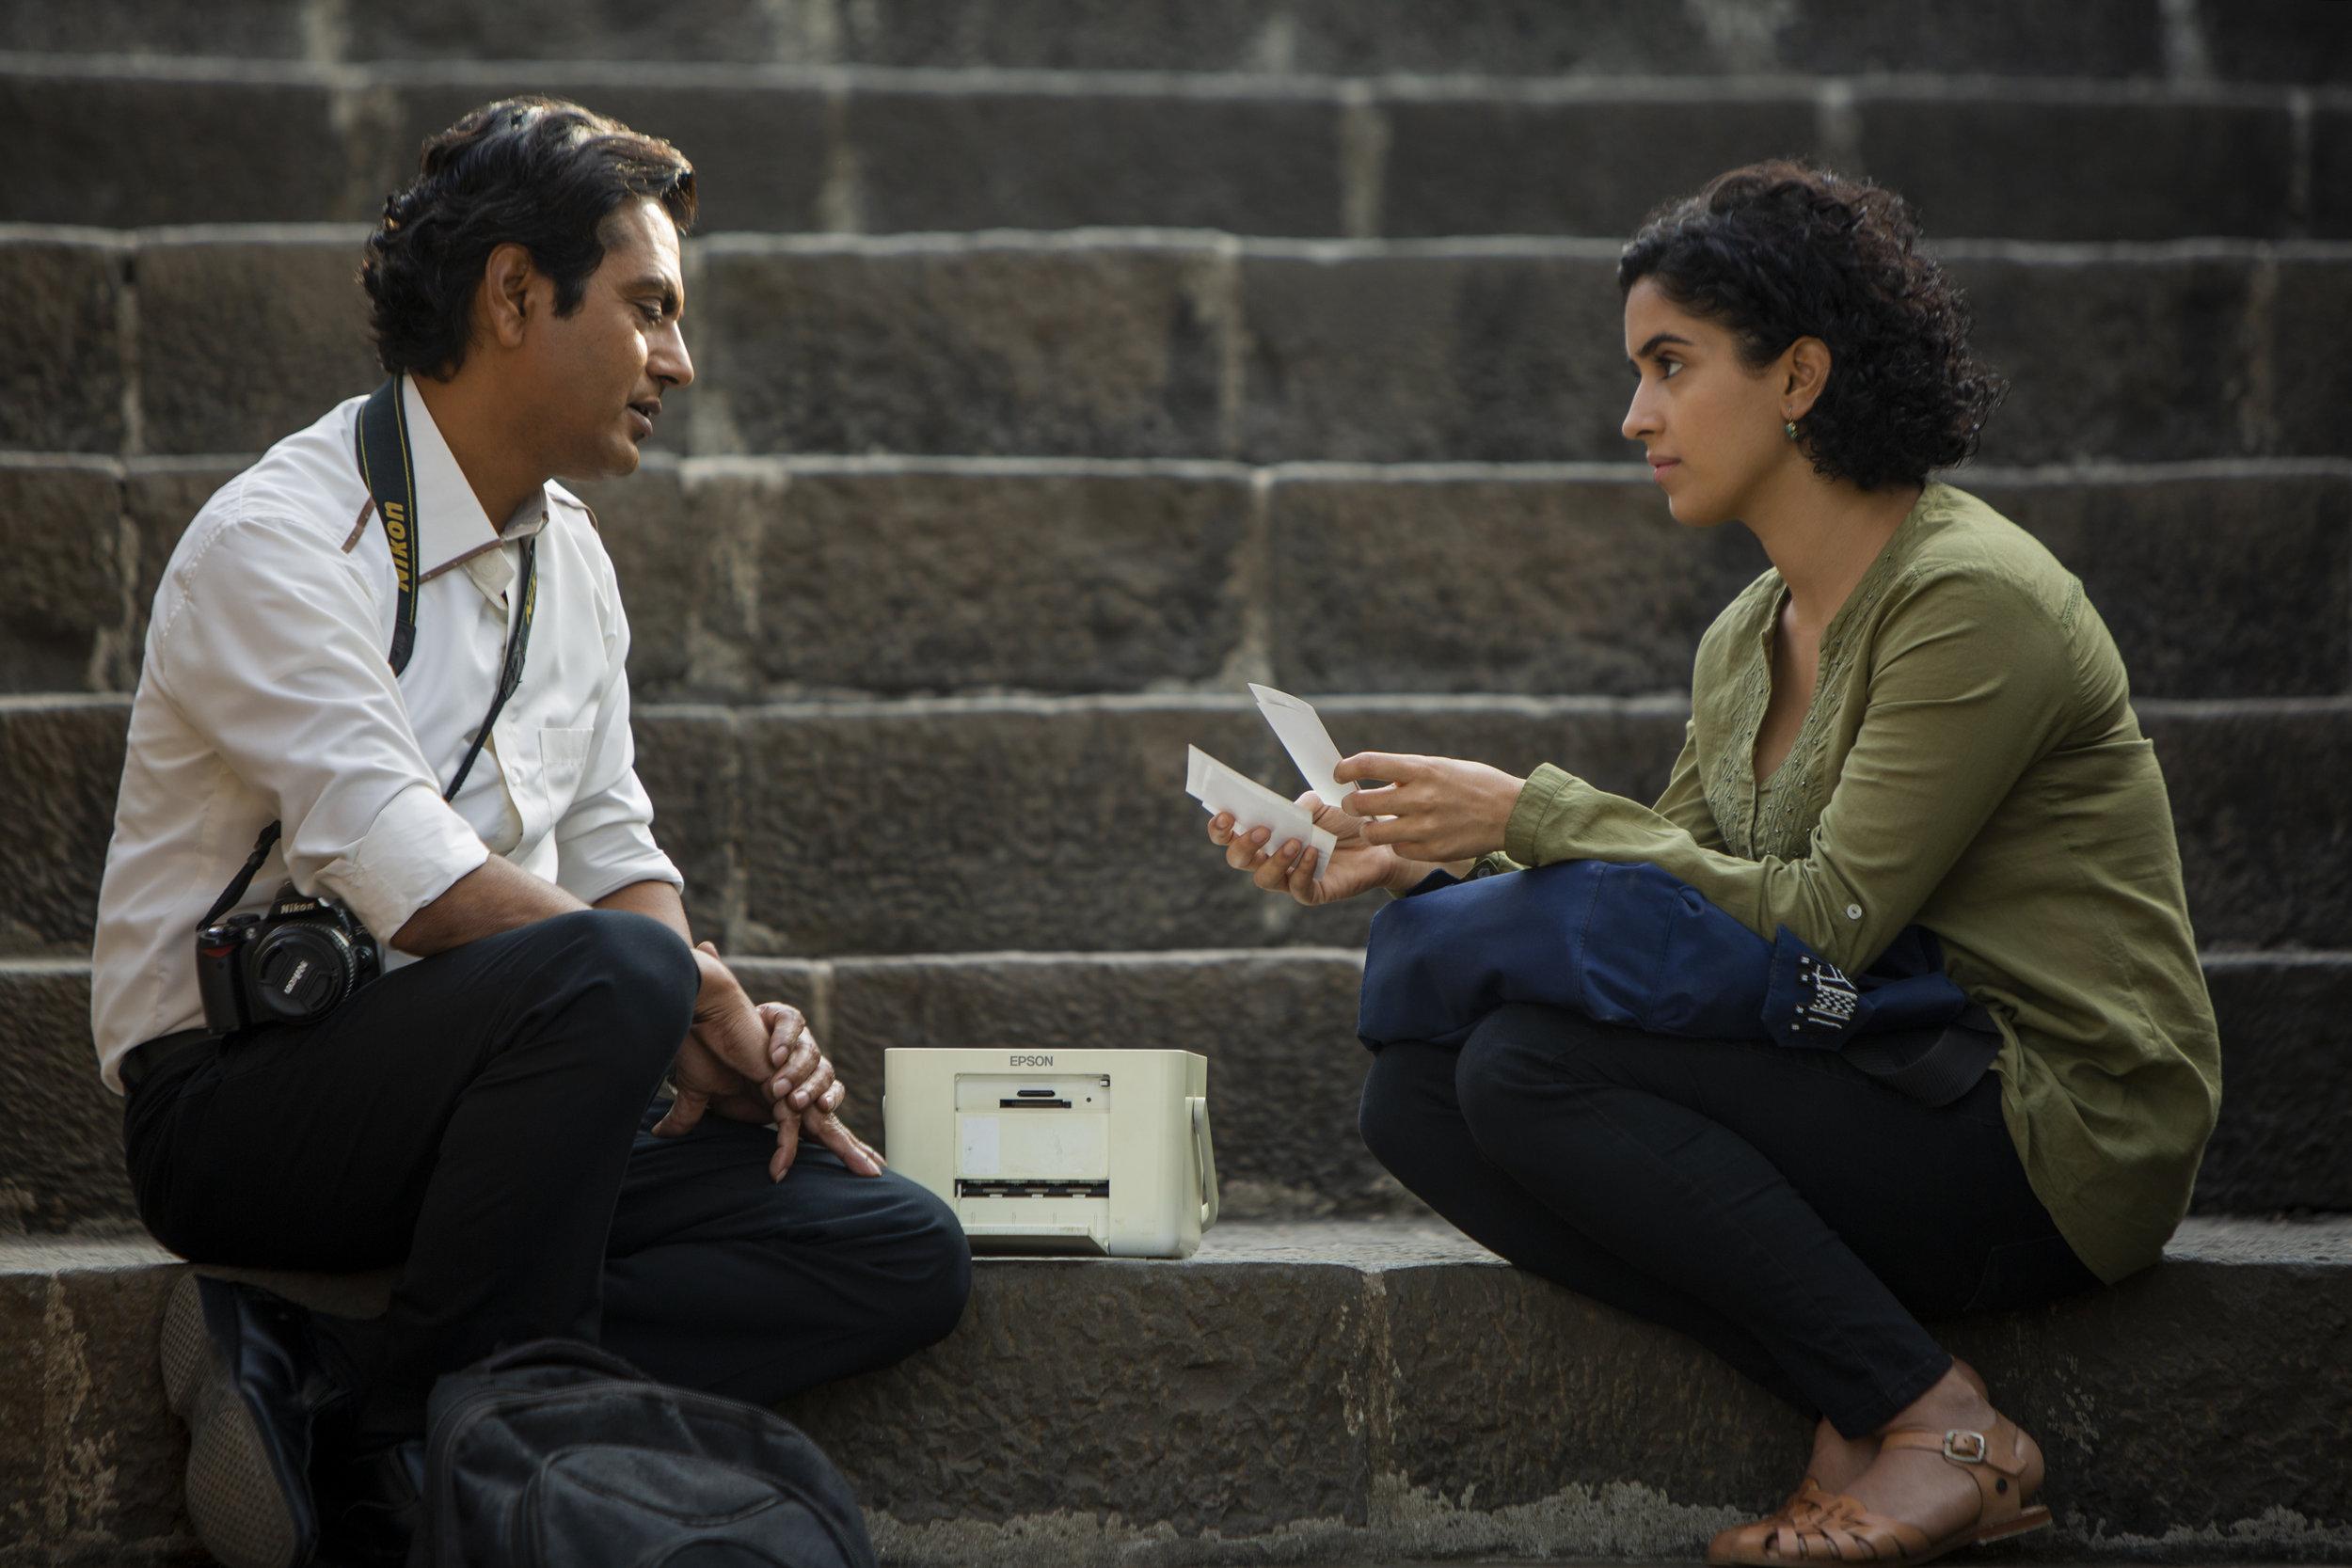 Nawazuddin Siddiqui & Sanya Malhotra star in THE PHOTOGRAPH